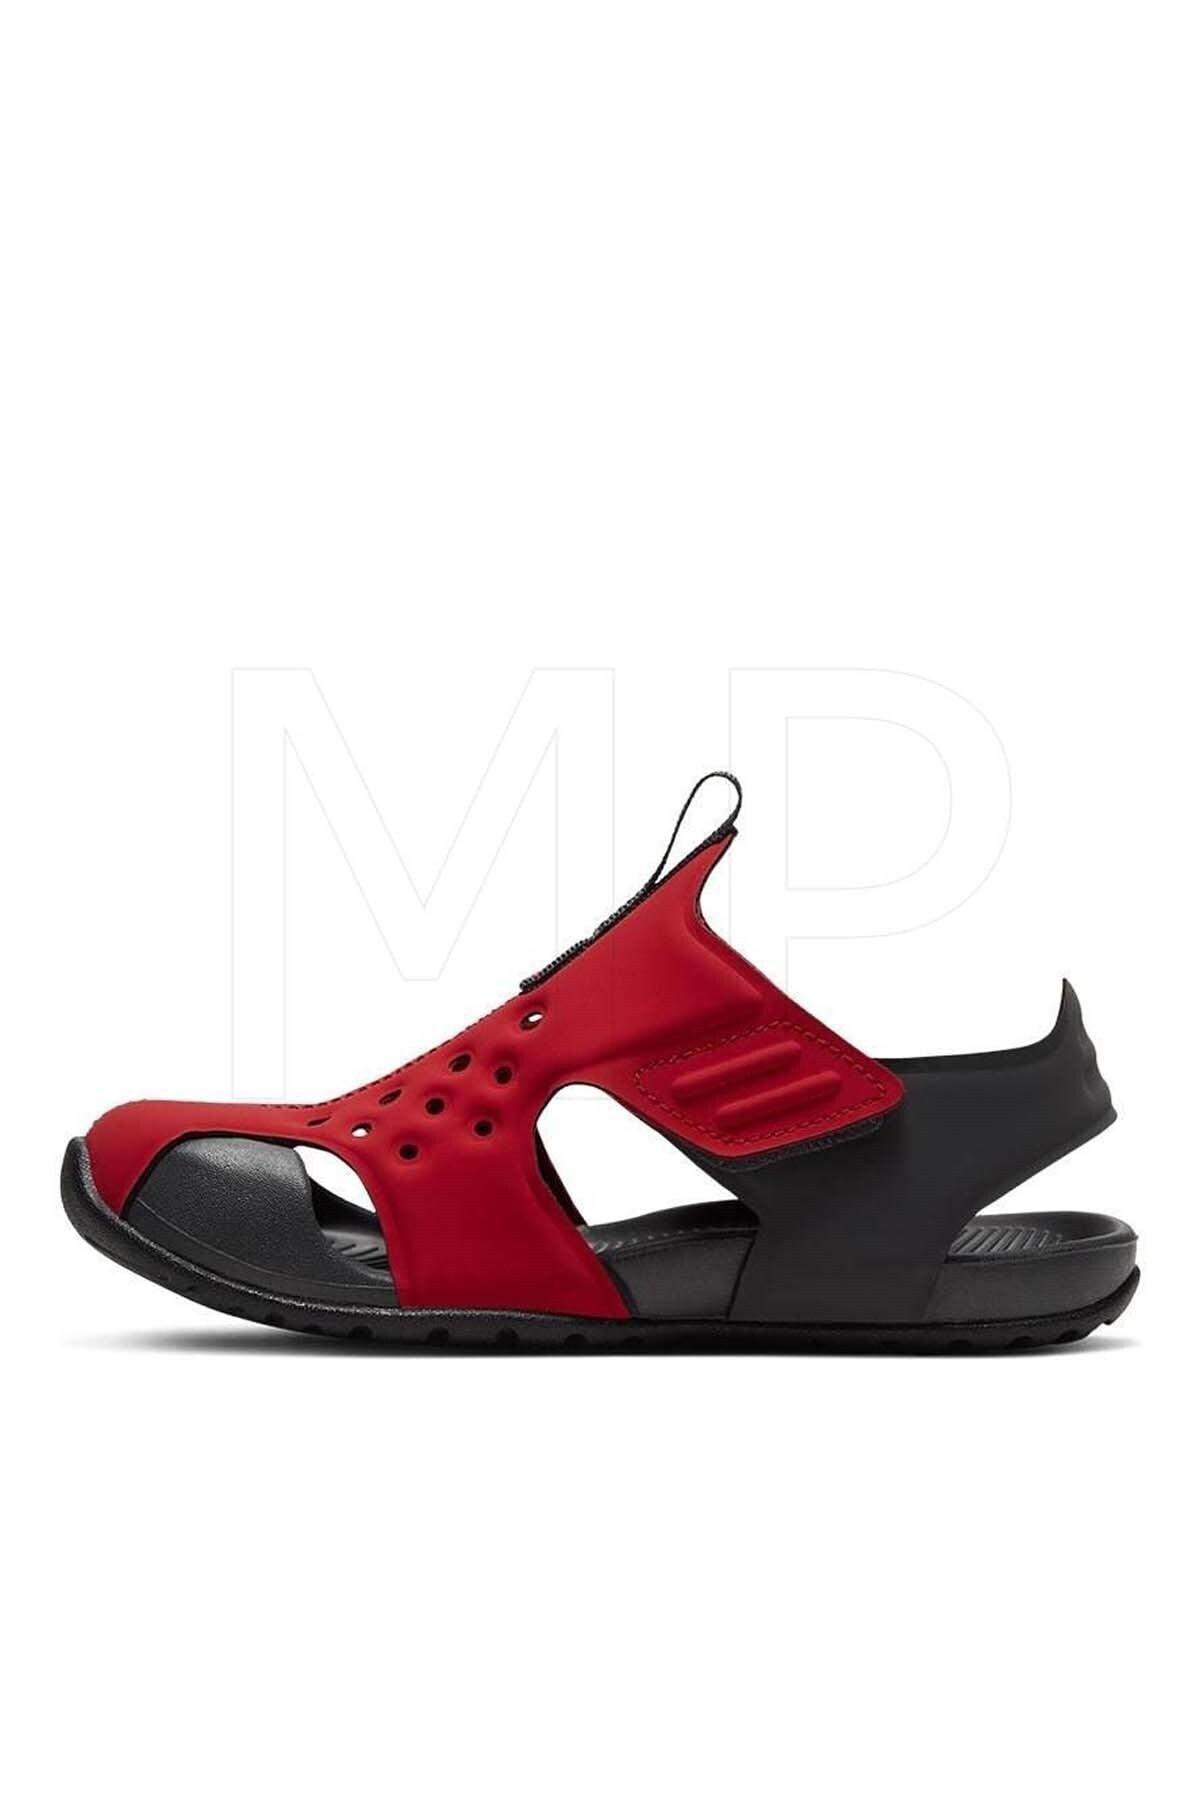 Nike Unisex Çocuk Kırmızı Sandalet Ayakkabı 943826-603 Sunray Protect 2 ps 2